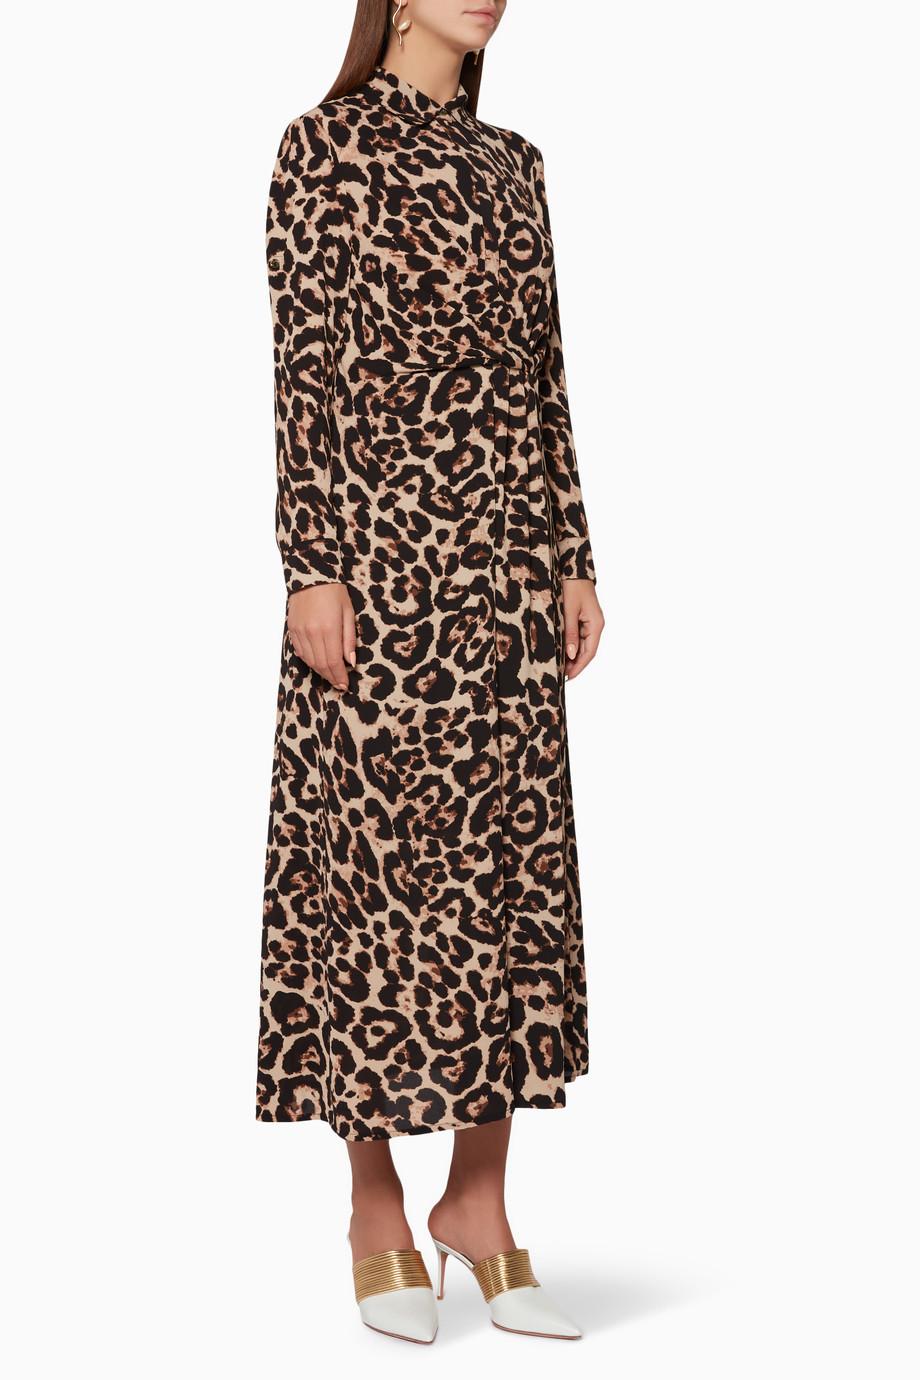 9bb6438f9f36 Shop Baum & Pferdgarten Brown Wild Leopard Alham Shirtdress for ...